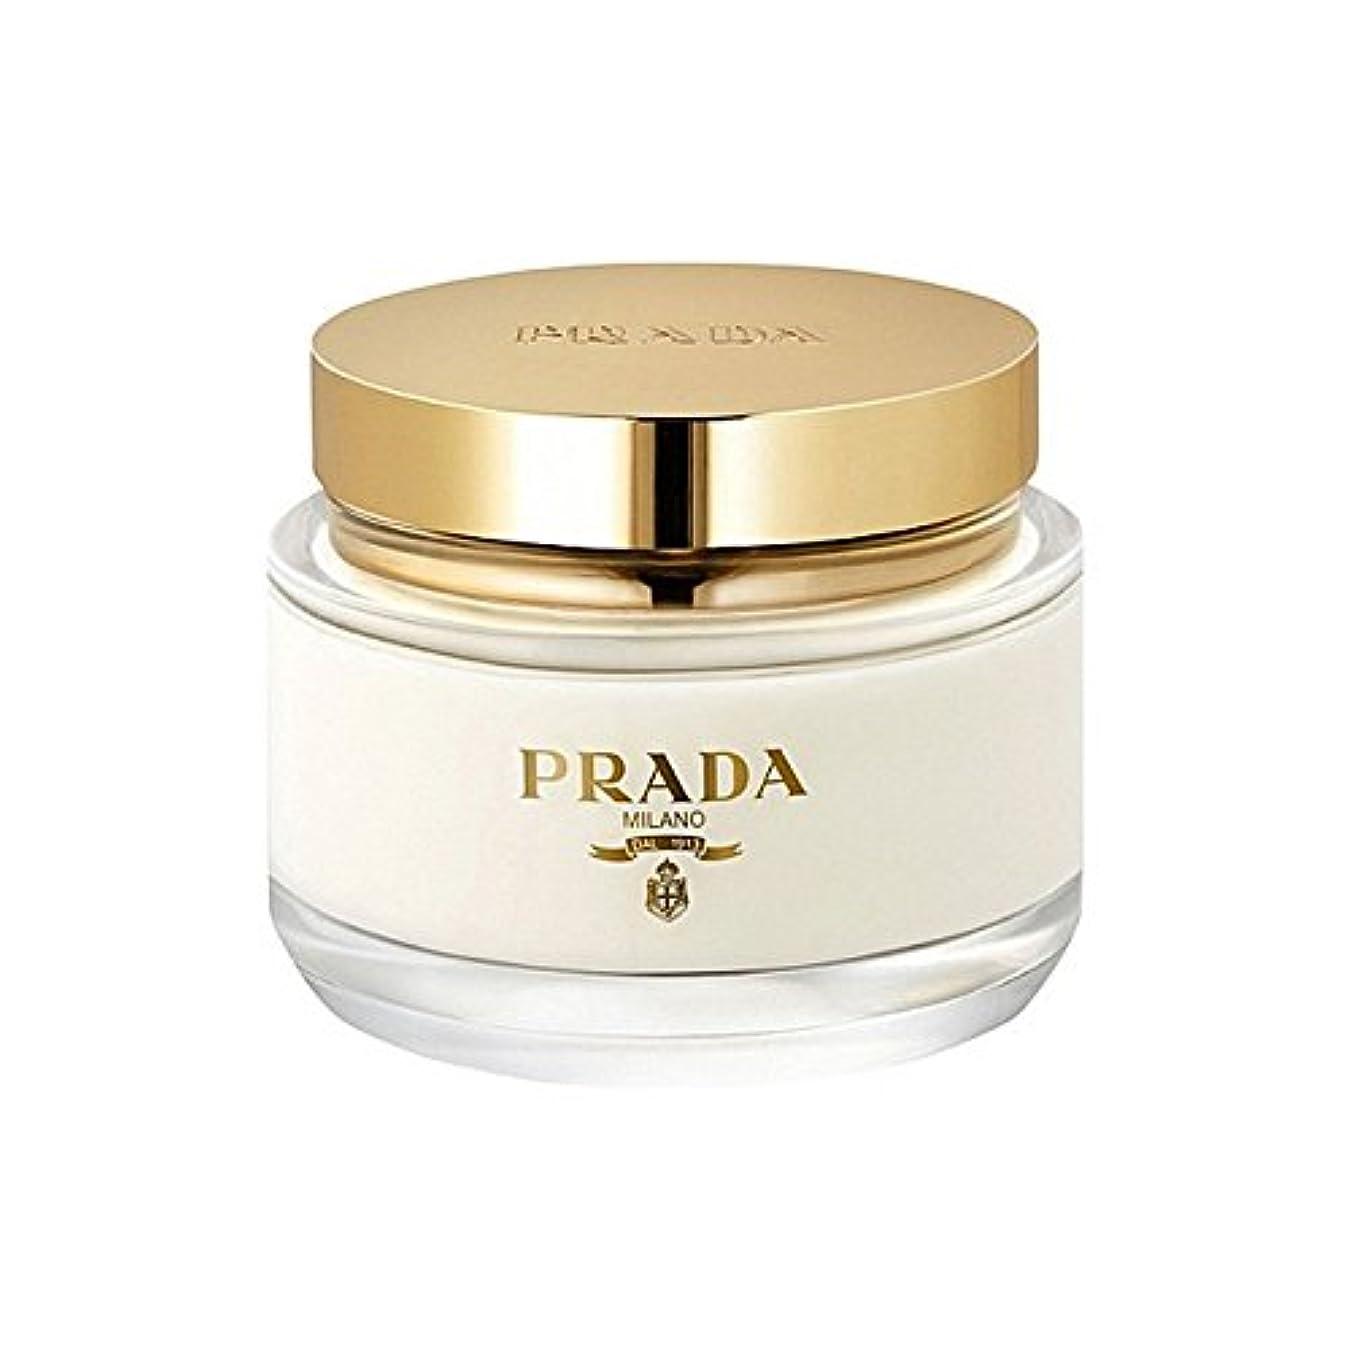 常にインセンティブ正気プラダラファムボディクリーム200ミリリットル x2 - Prada La Femme Body Cream 200ml (Pack of 2) [並行輸入品]